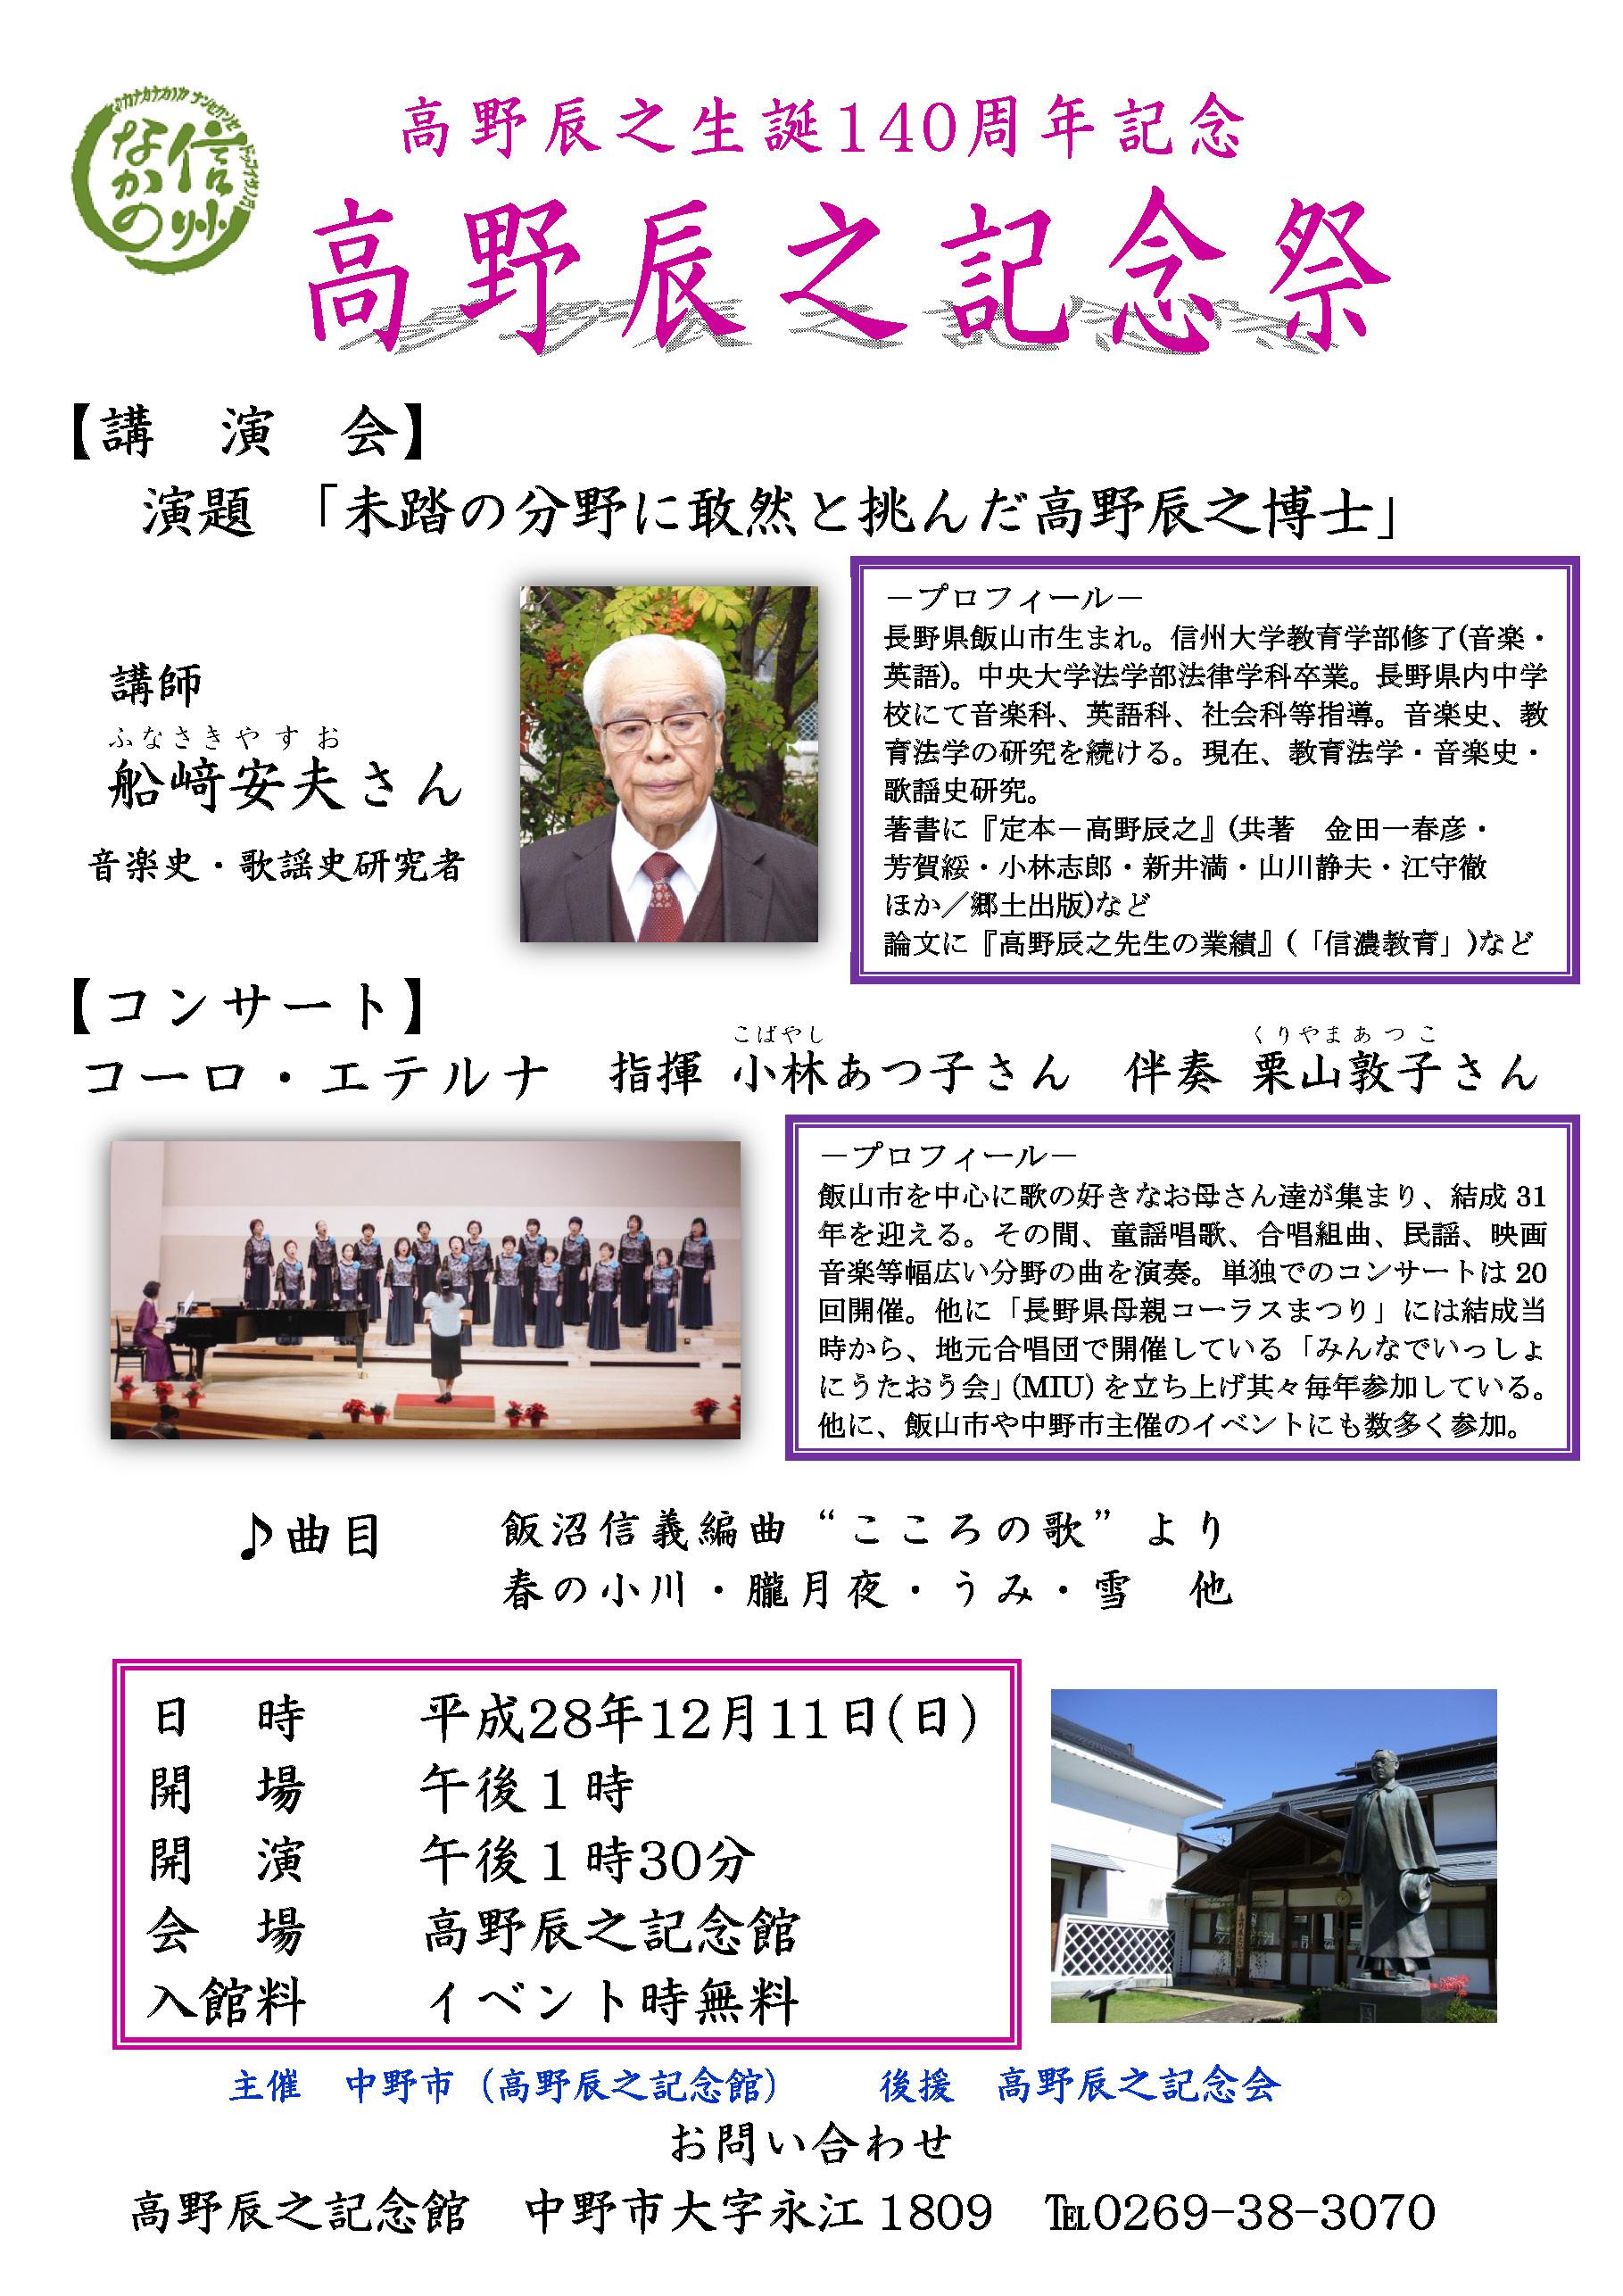 高野辰之生誕140周年記念 高野辰之記念祭 | 信州中野市情報サイトなっ ...